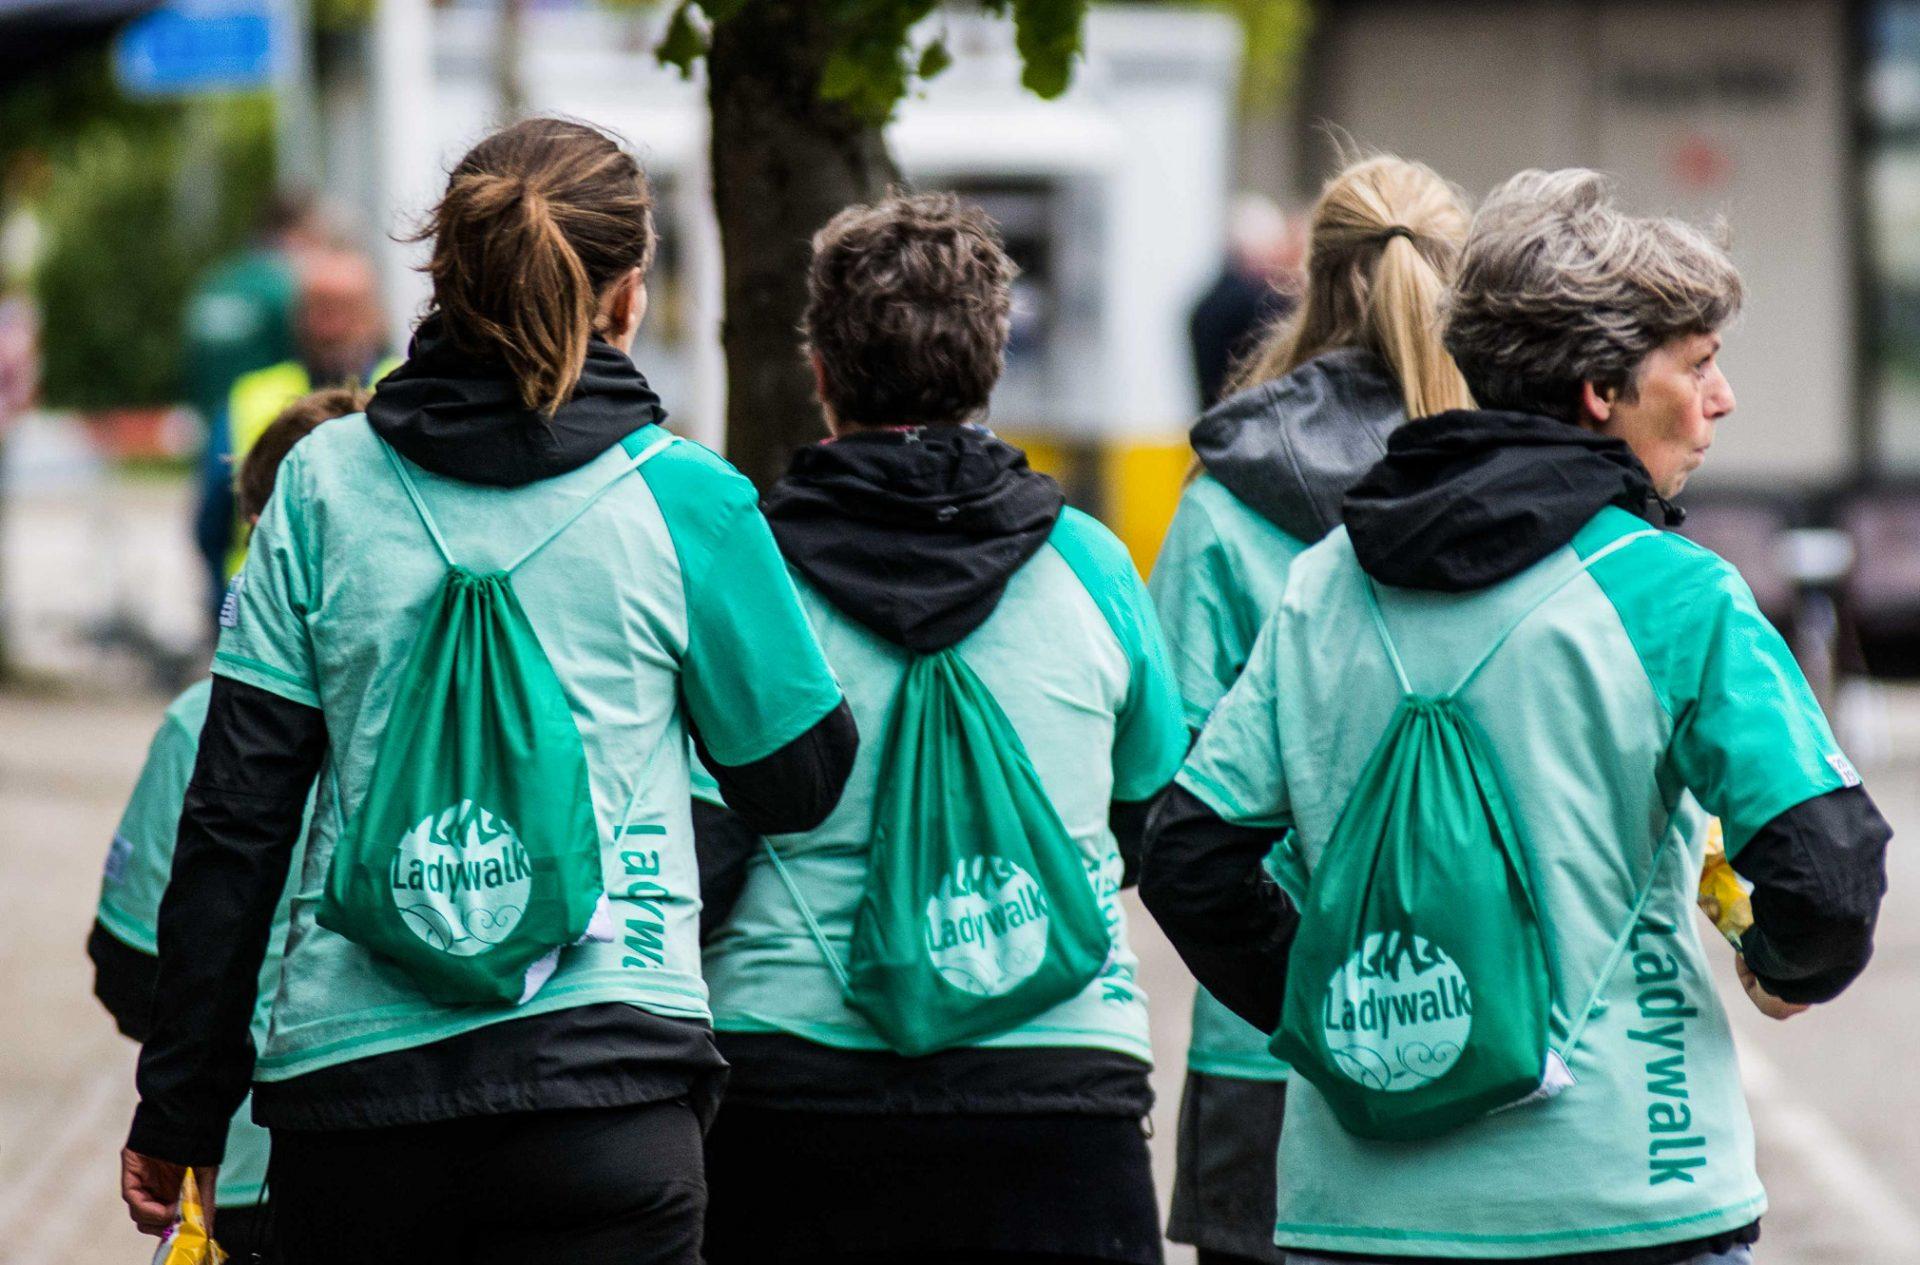 Danmarks største arrangement for kvinder aflyses i 2020